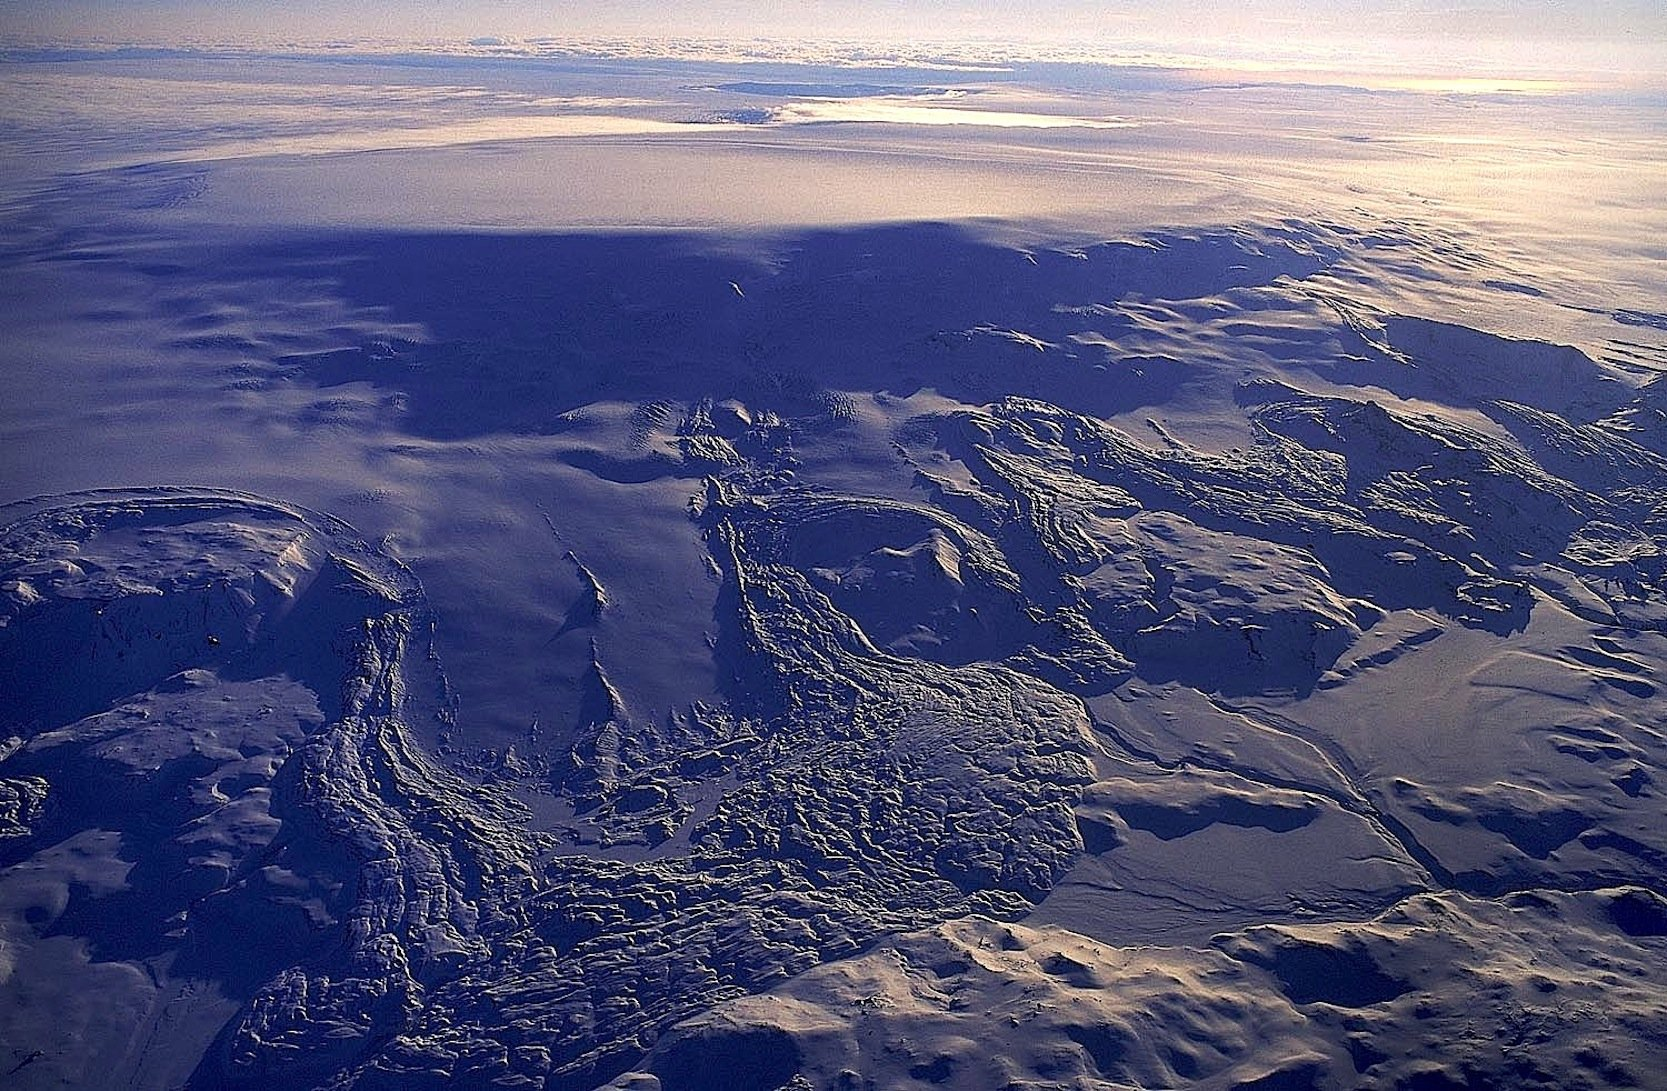 Das ist der vom größten Gletscher Europas bedeckte VulkanBárdarbunga, fotografiert im Jahr 1996. Deutlich zu erkennen ist die so genannte Caldera. Diese Einbuchtung ist in ihrer längsten Ausdehnung 11 km lang. Die Caldera senkte sich bei der Eruption 2014 um 65 m.